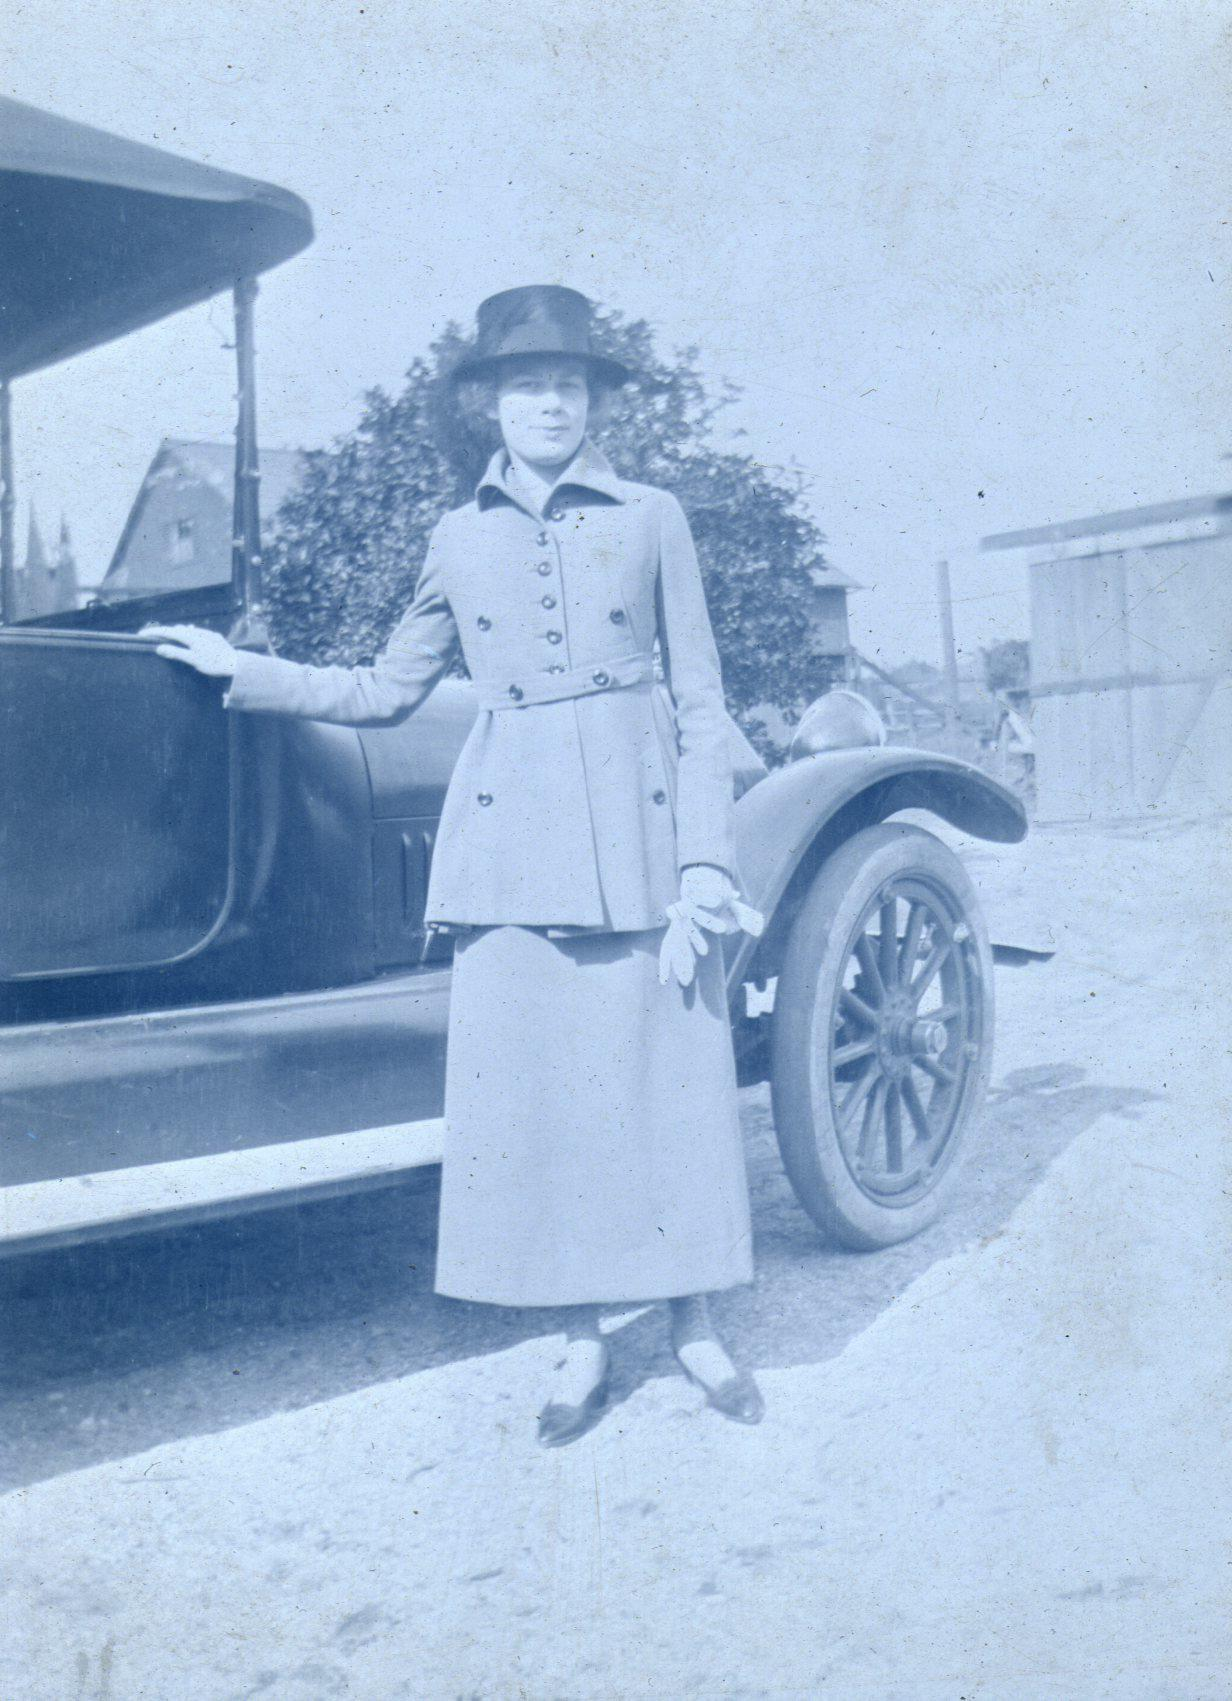 Thelma Hansen